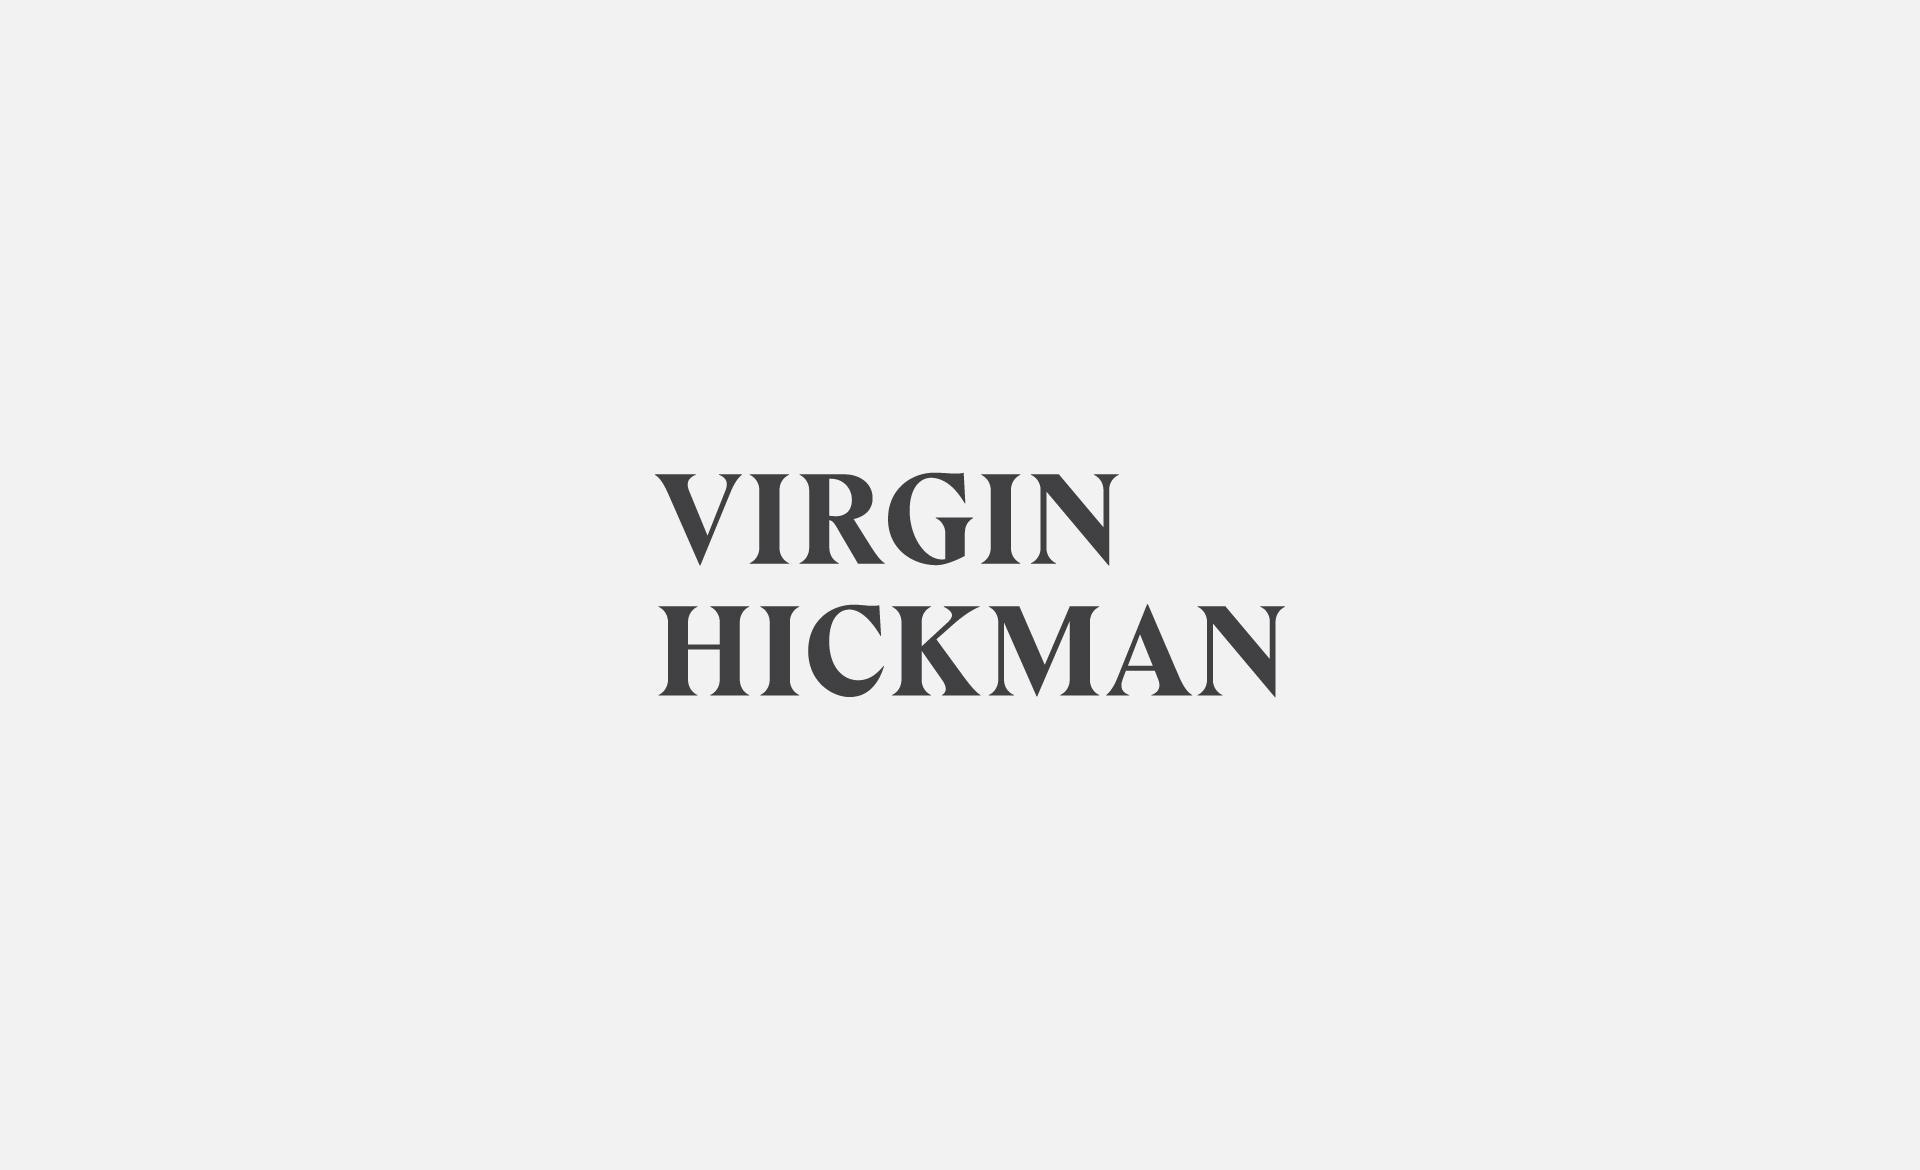 VirginHickman_1